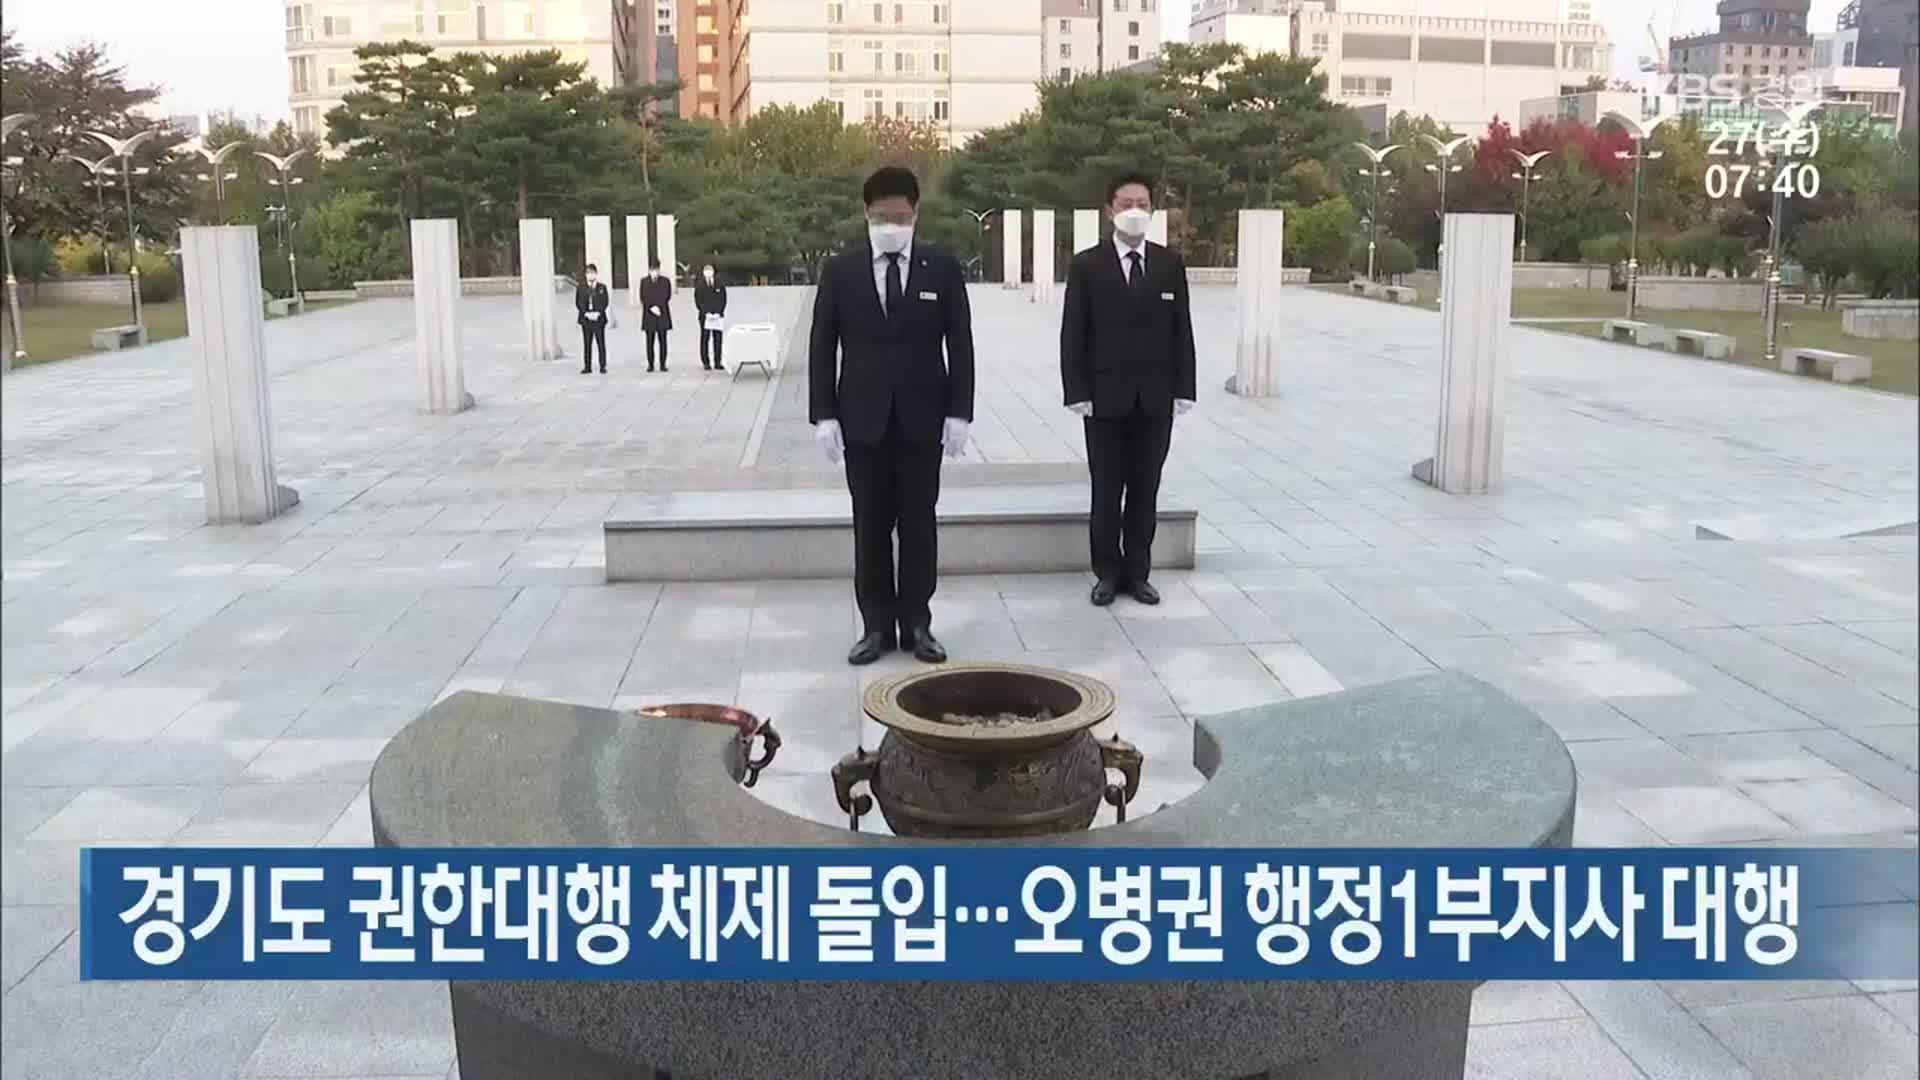 경기도 권한대행 체제 돌입…오병권 행정1부지사 대행